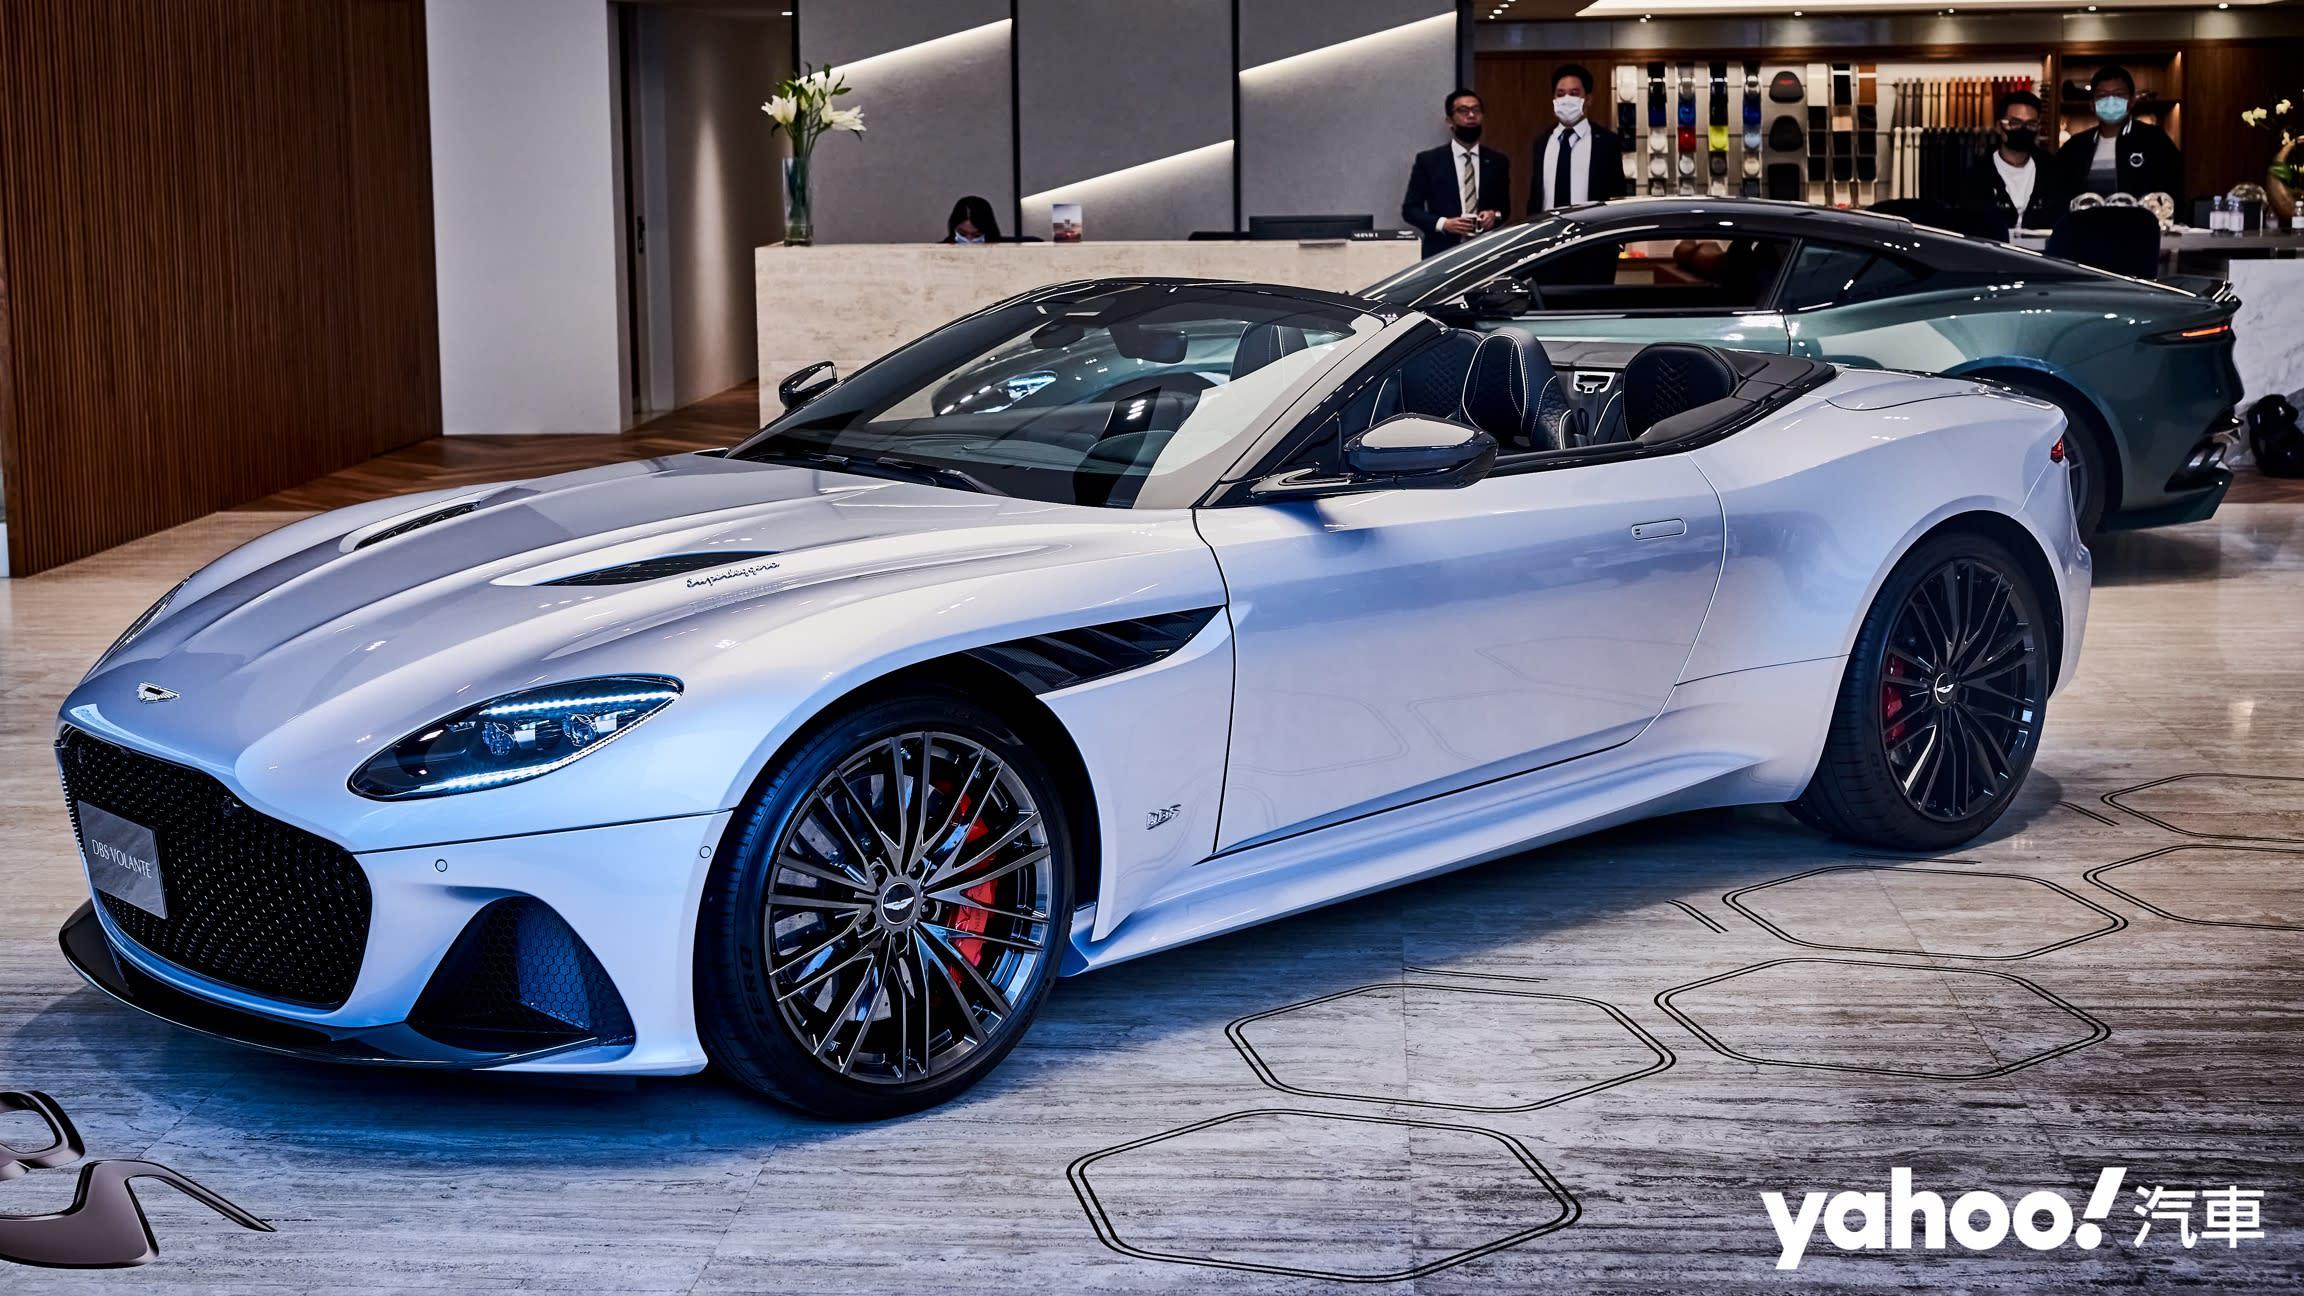 【新車圖輯】強悍亦是風華絕代的展現!2020 Aston Martin DBS Superleggera Volante優美登場!